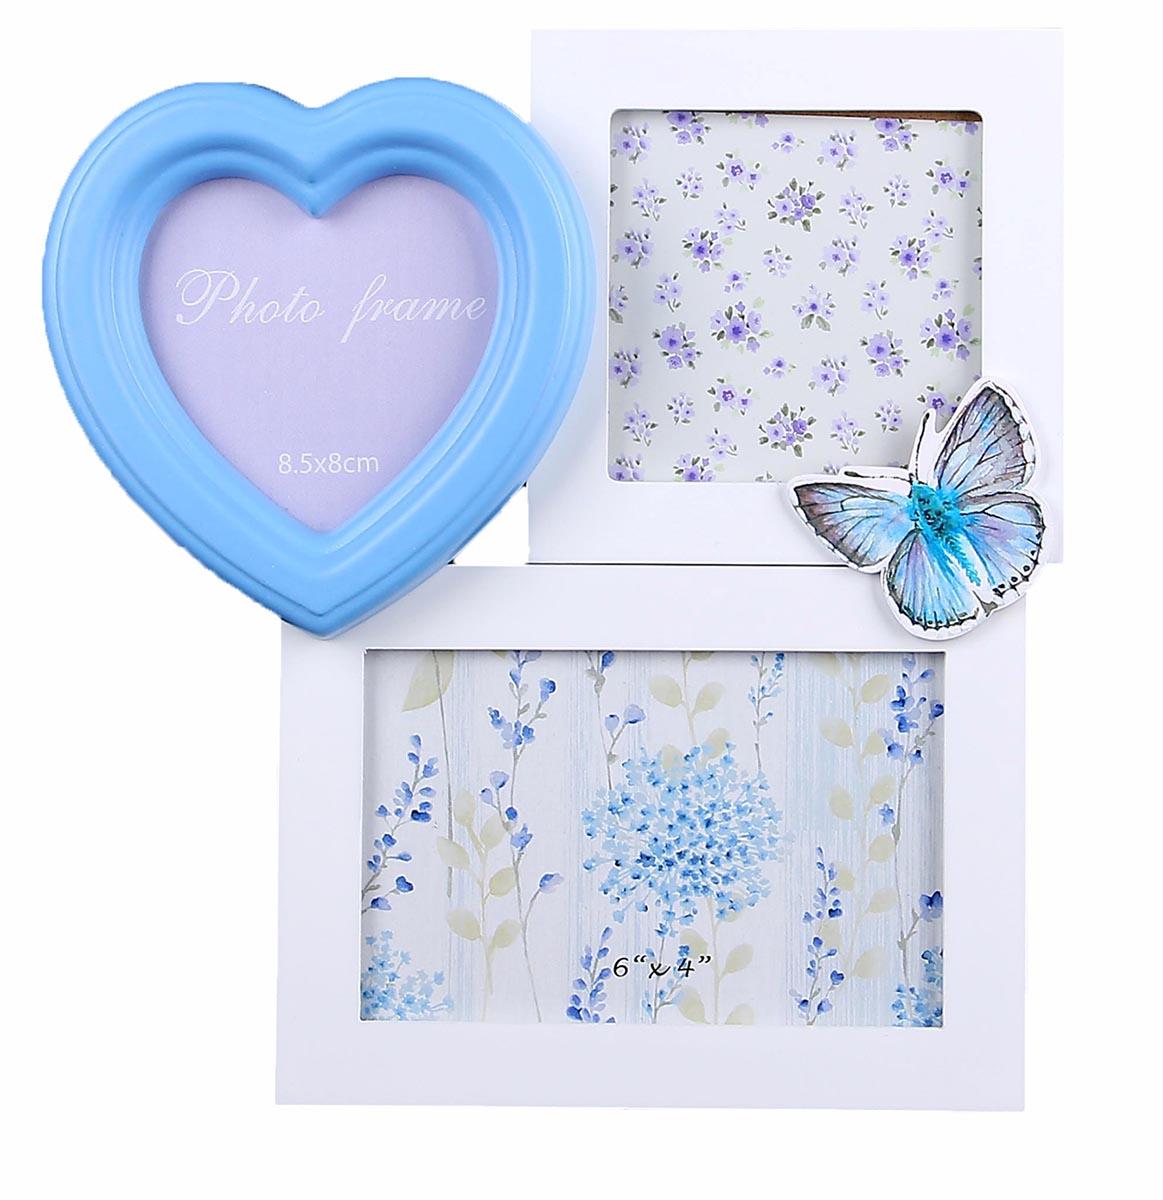 Фоторамка Бело-голубая с бабочкой, на 3 фото, цвет: белый, голубой. 856505 фоторамка бело голубая фантазия на 3 фото цвет белый голубой 856503